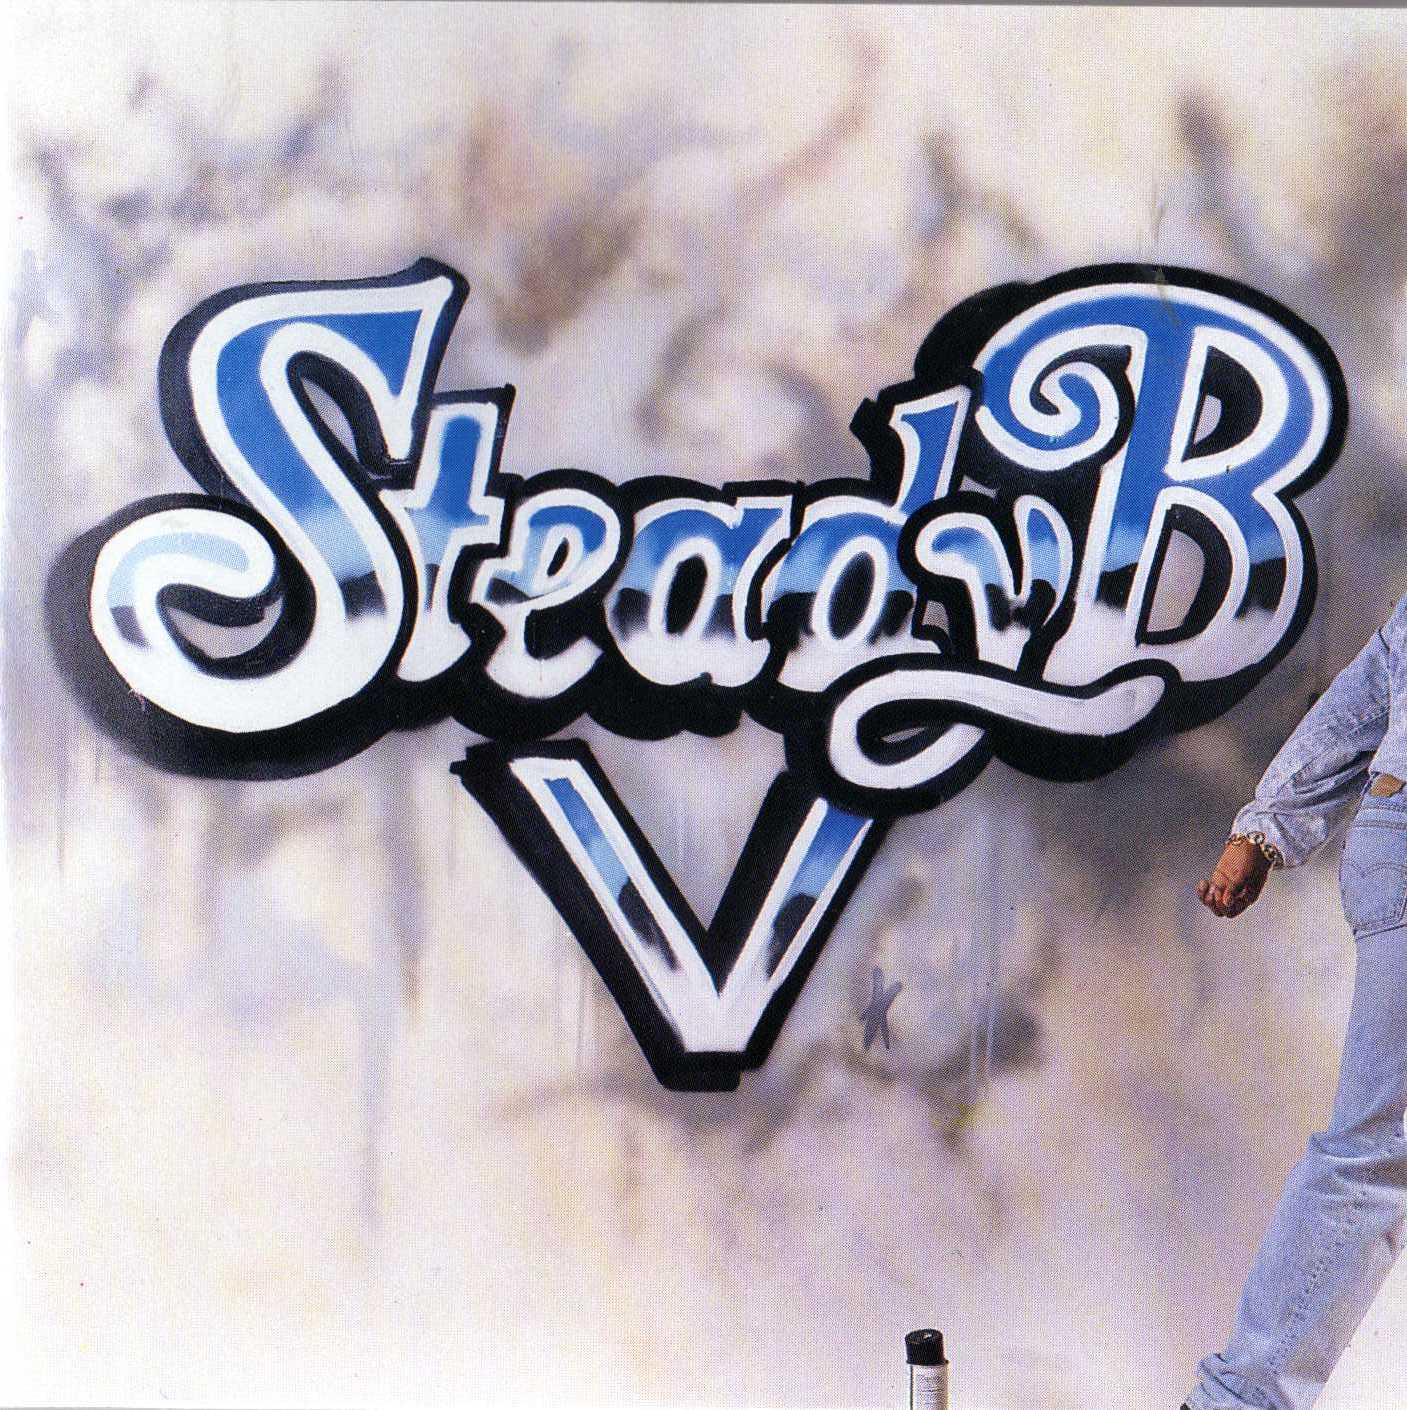 Steady B - V